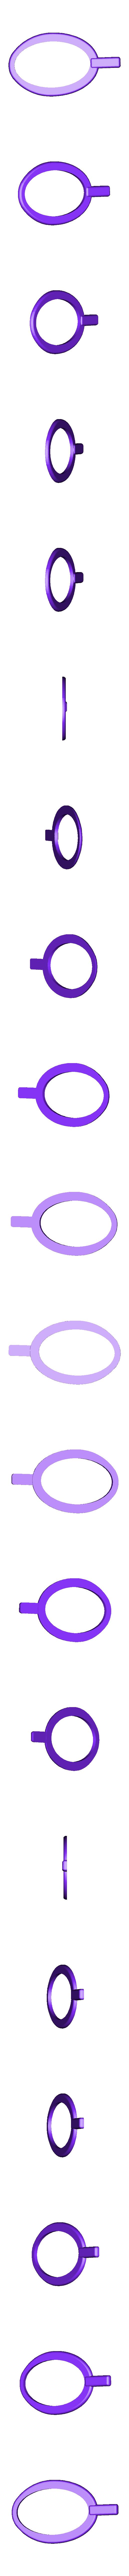 thumb_ring.stl Télécharger fichier STL gratuit Kara Kesh (arme de poing goa'uld) • Plan pour imprimante 3D, poblocki1982